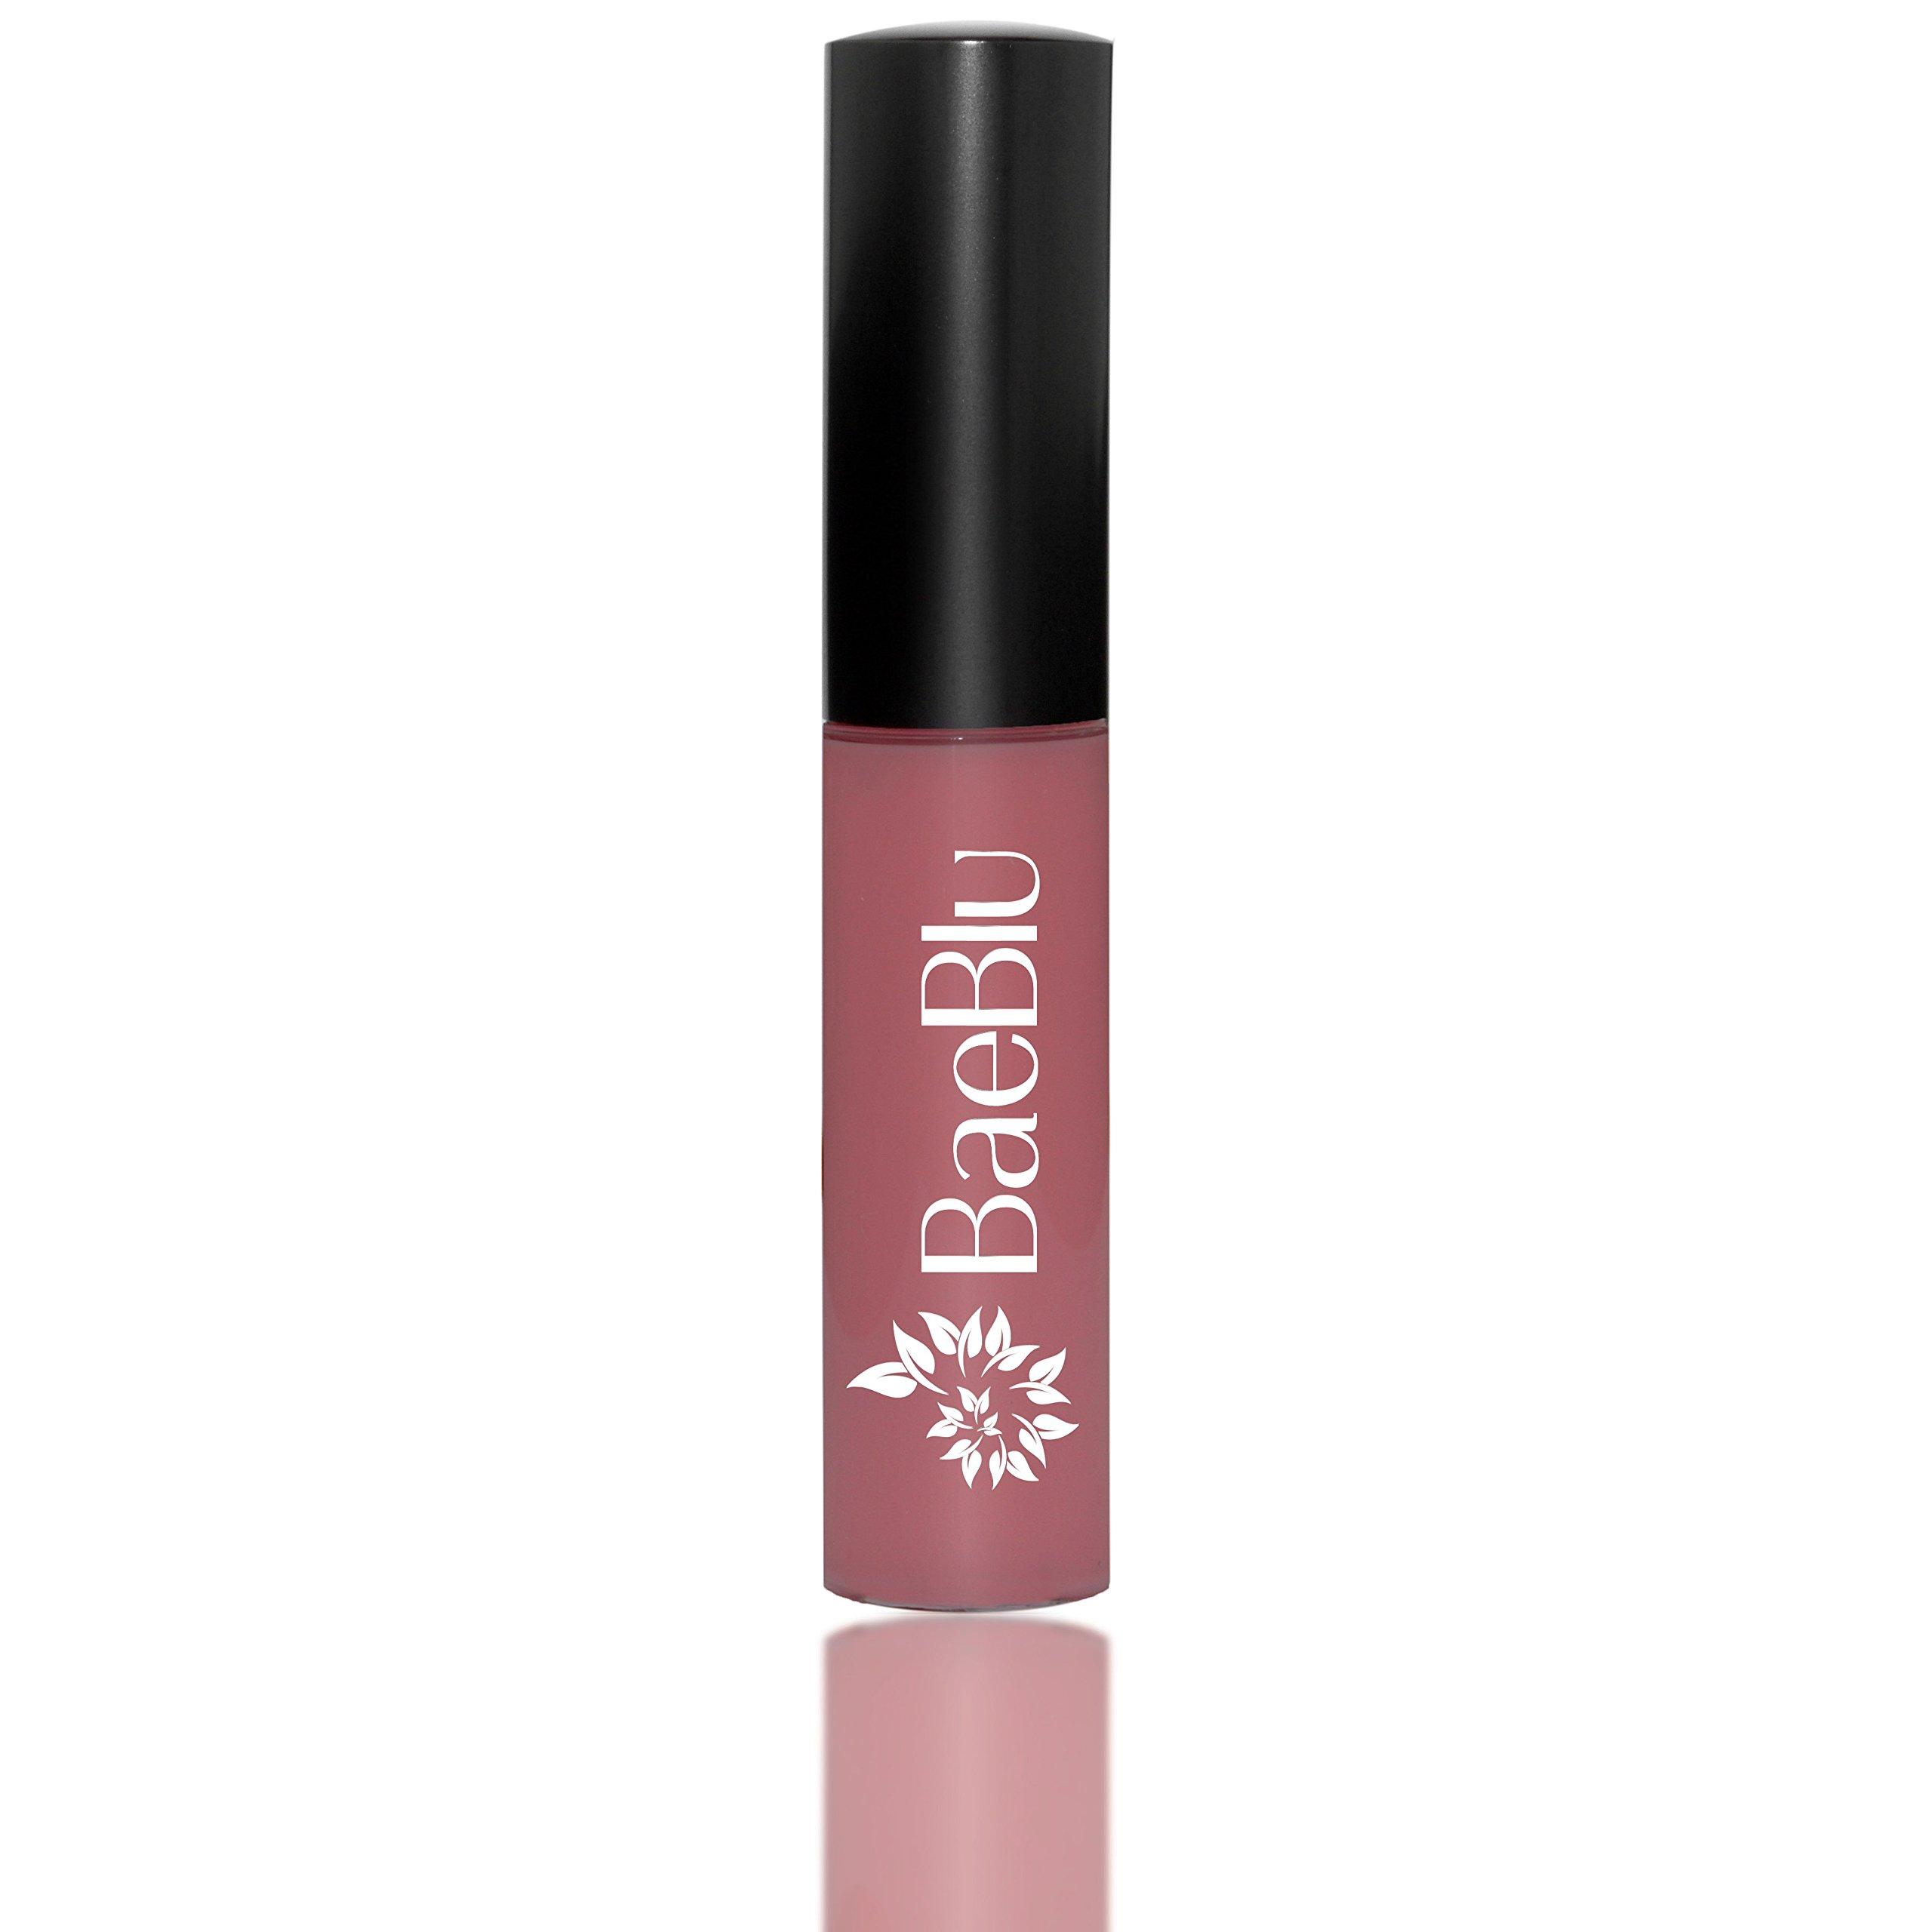 BaeBlu Organic Vegan Lip Gloss, 100% Natural Non-Toxic Moisturizing Ingredients, No Way Rose